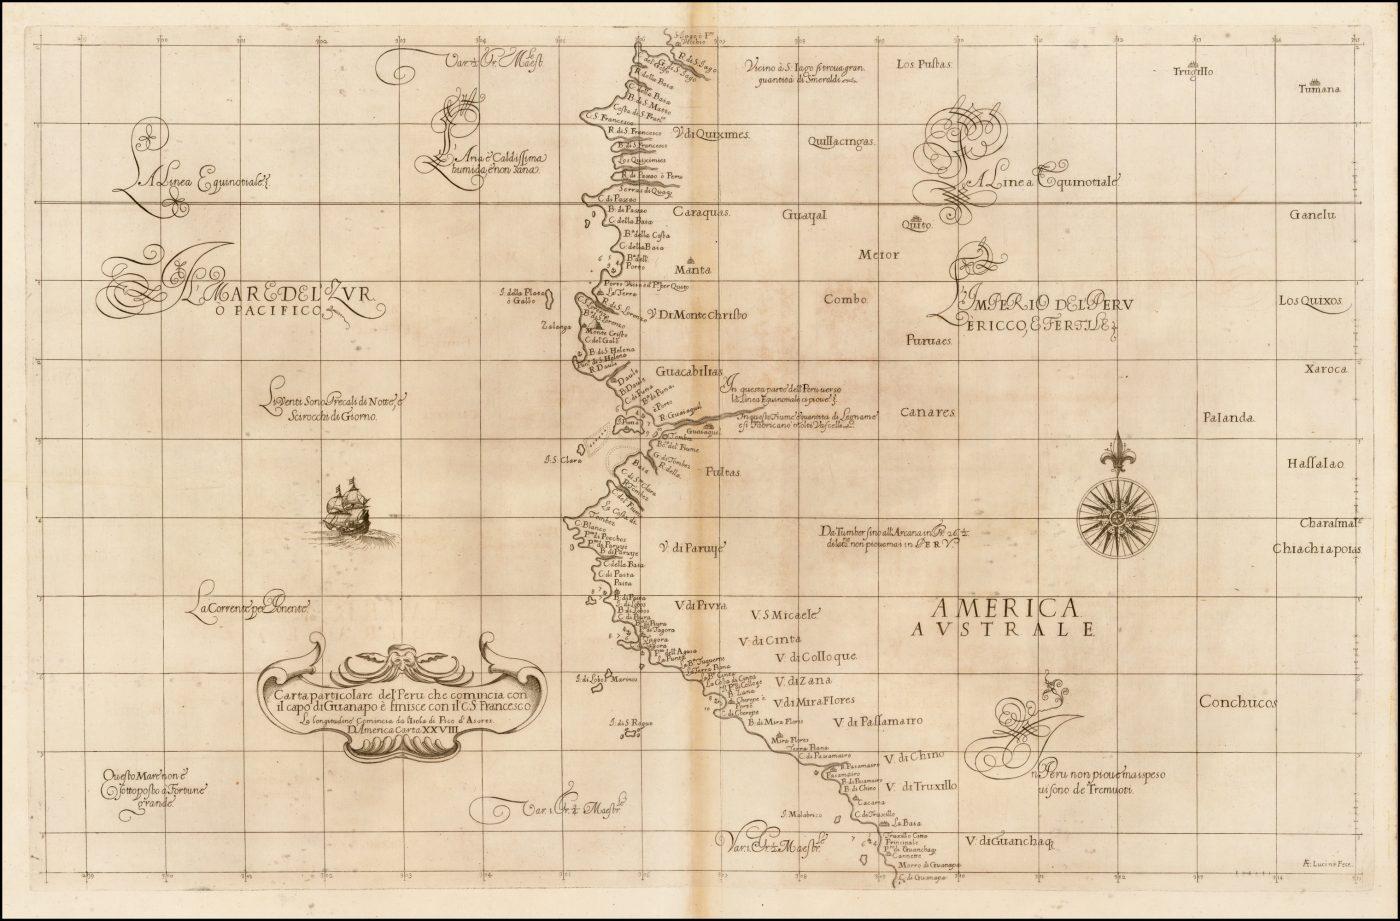 Карта Роберта Дадли Северо-Западного побережья Южной Америки, самая ранняя из доступных карт этого региона